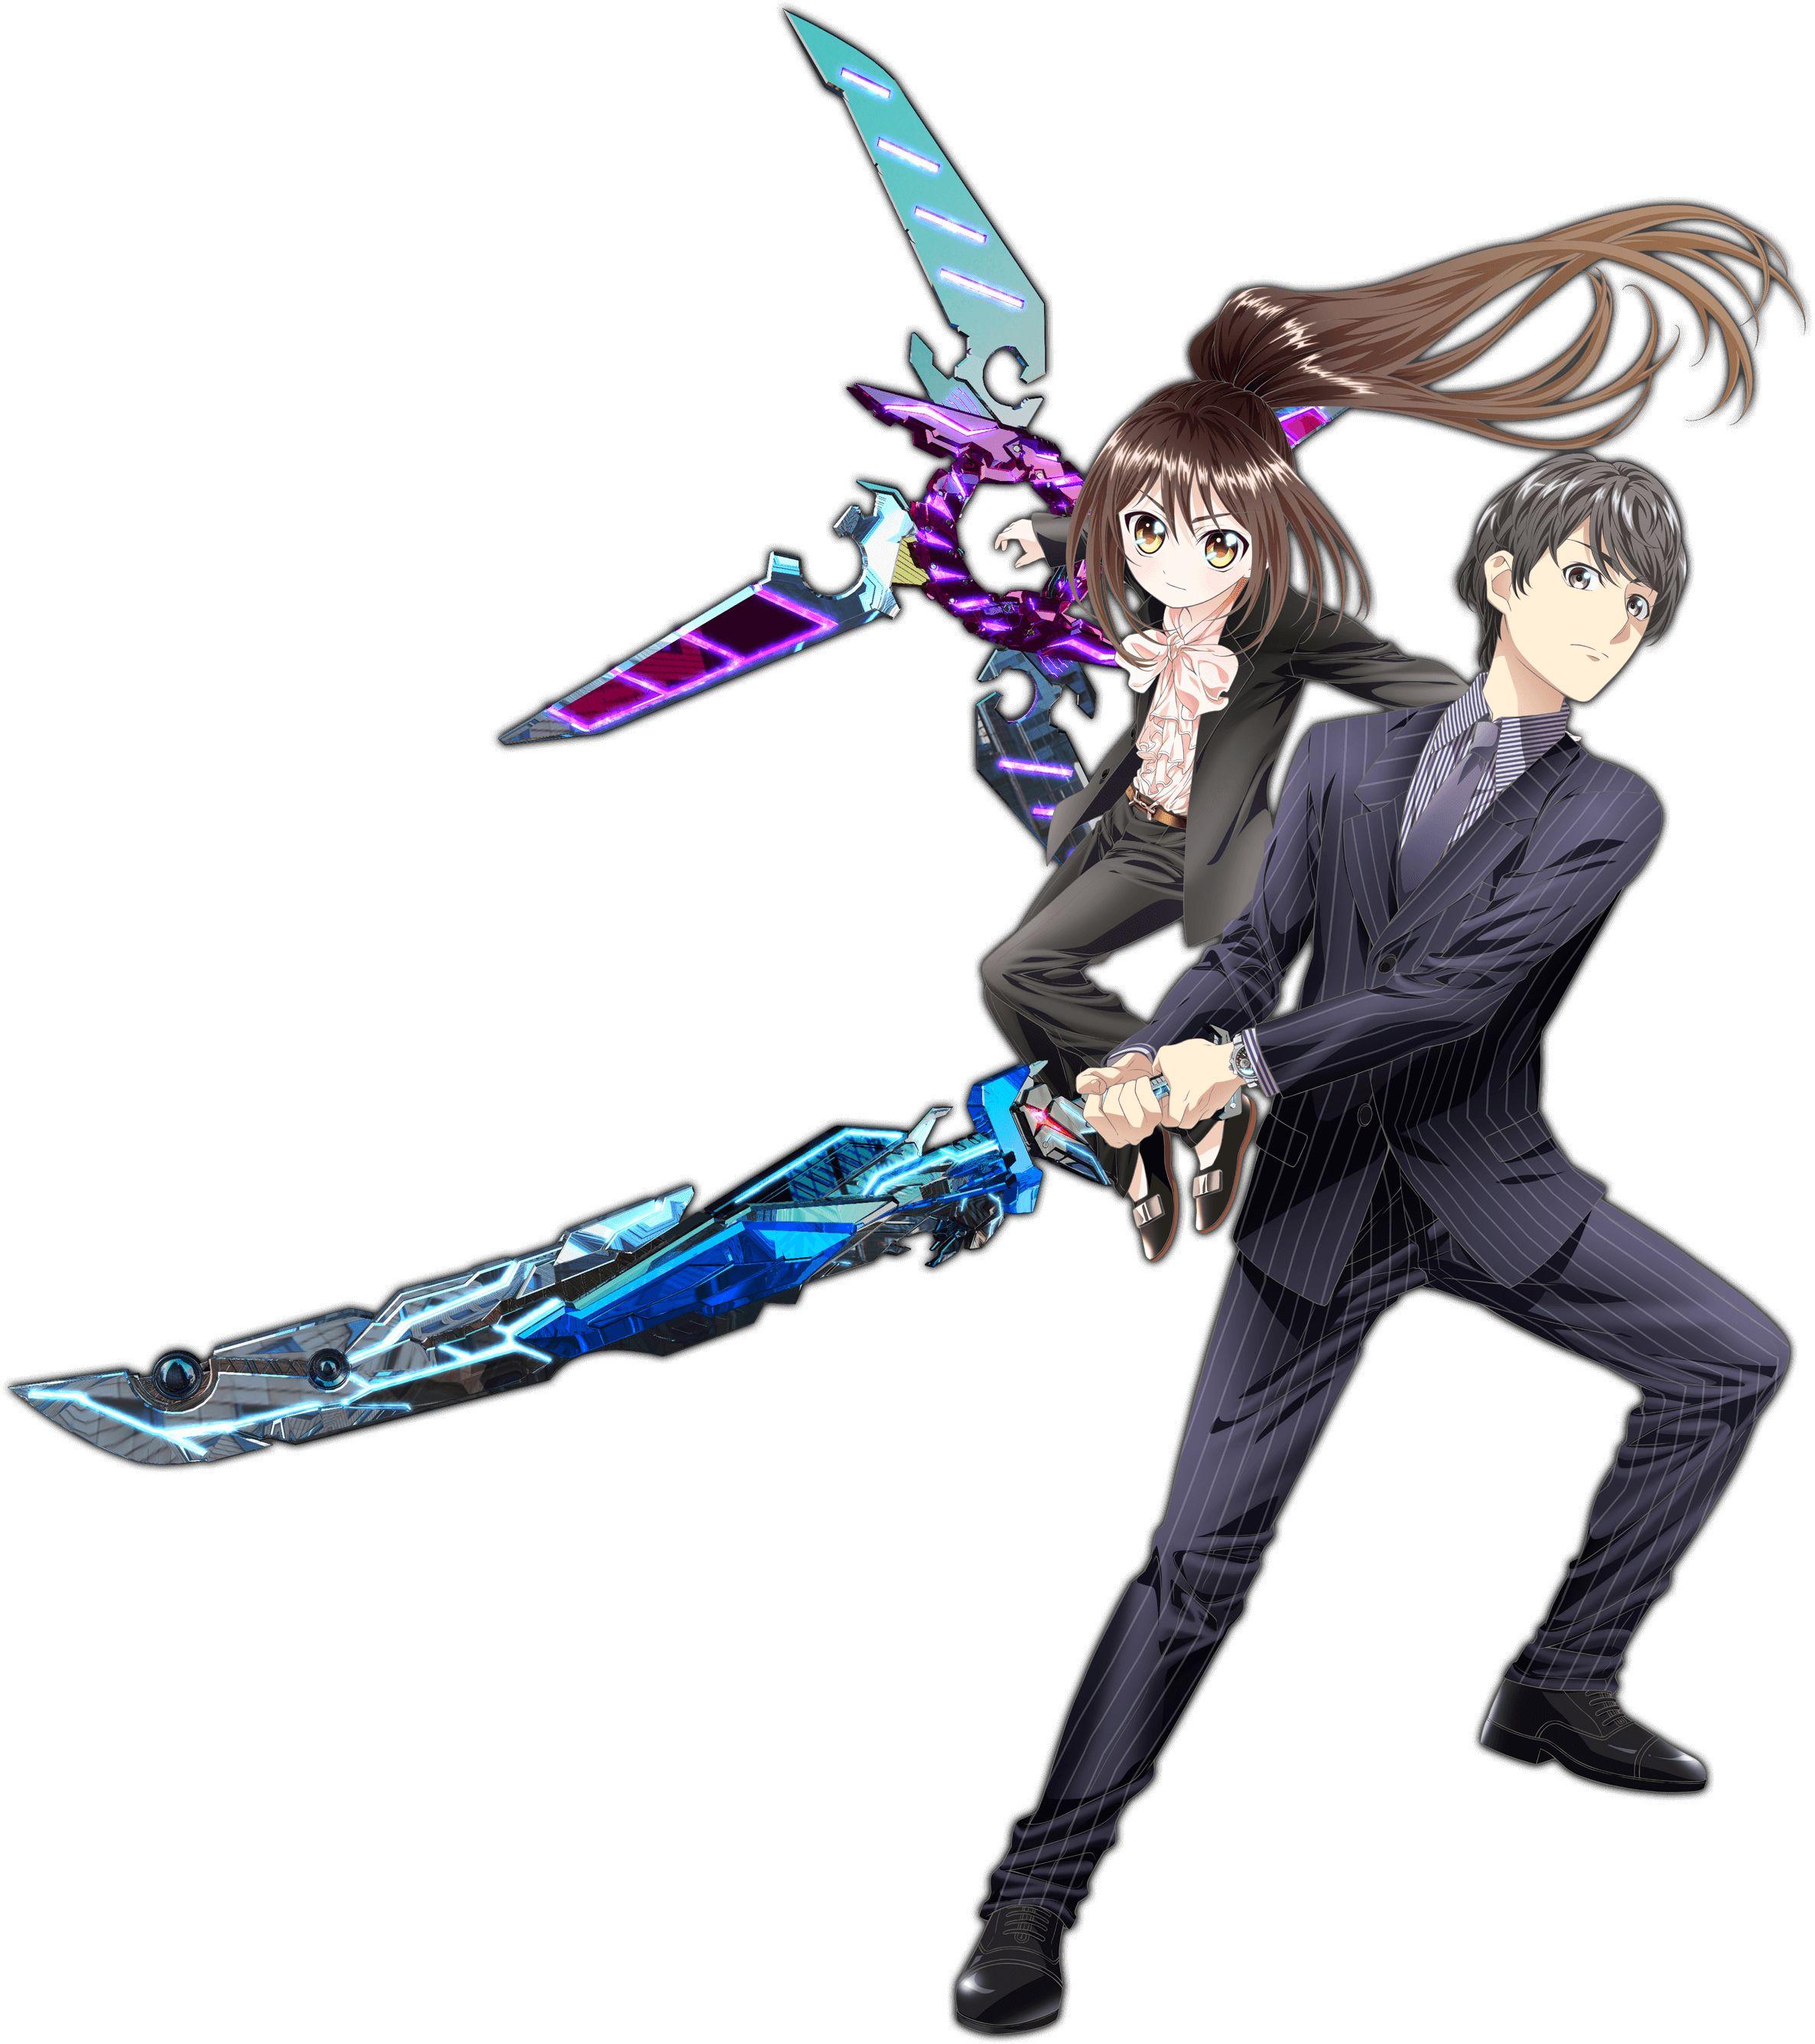 Hand Shakers/Chizuru and Hayate (Hand Shakers) Anime